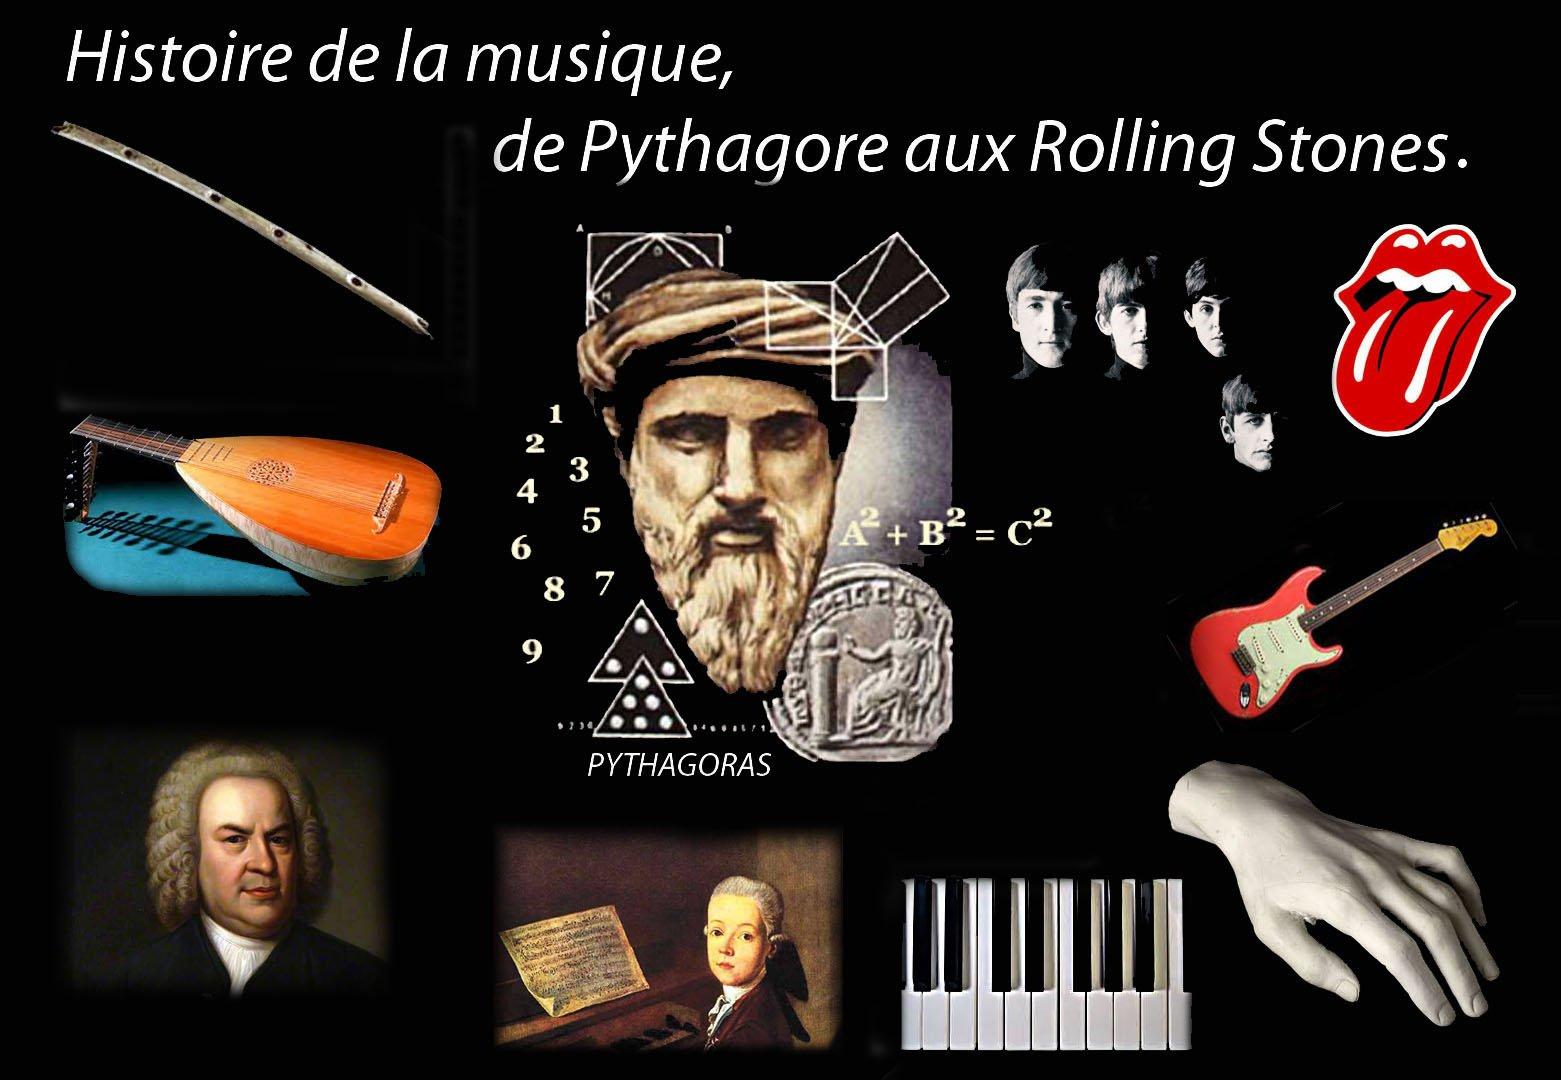 affiche-histoire-de-la-musique